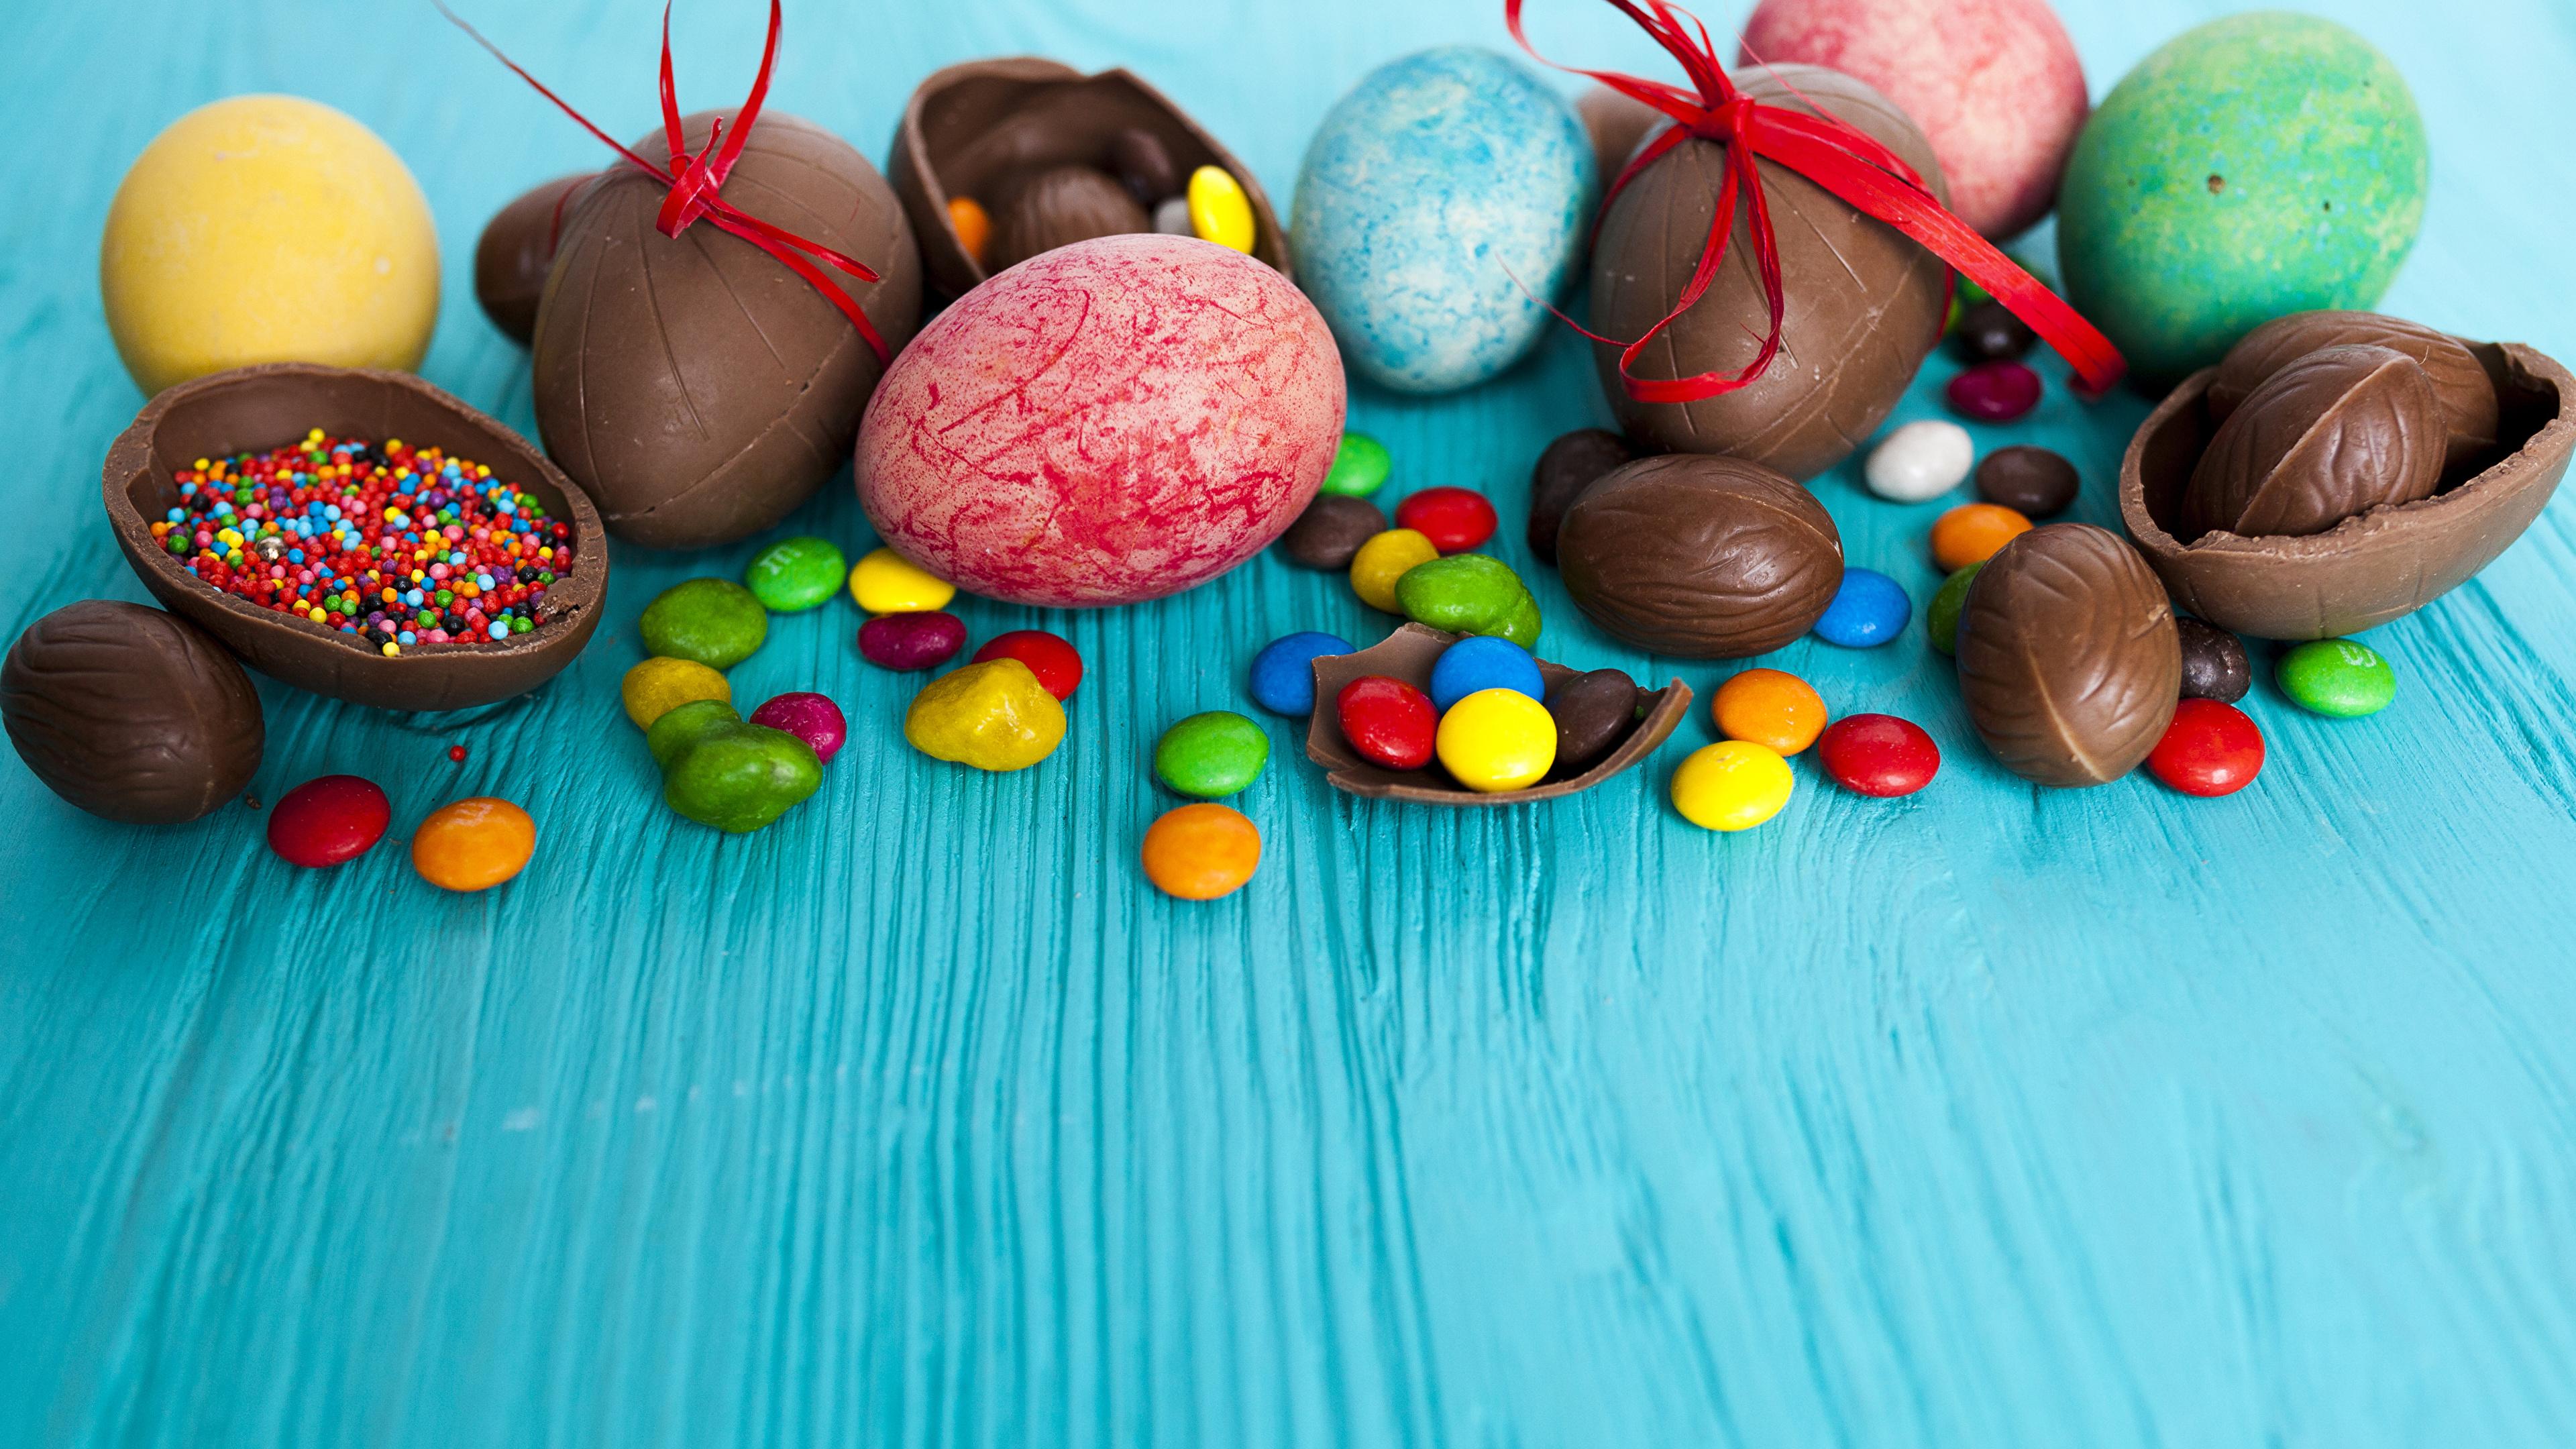 Фото Пасха яиц Шоколад Конфеты Еда сладкая еда 3840x2160 яйцо Яйца яйцами Пища Продукты питания Сладости